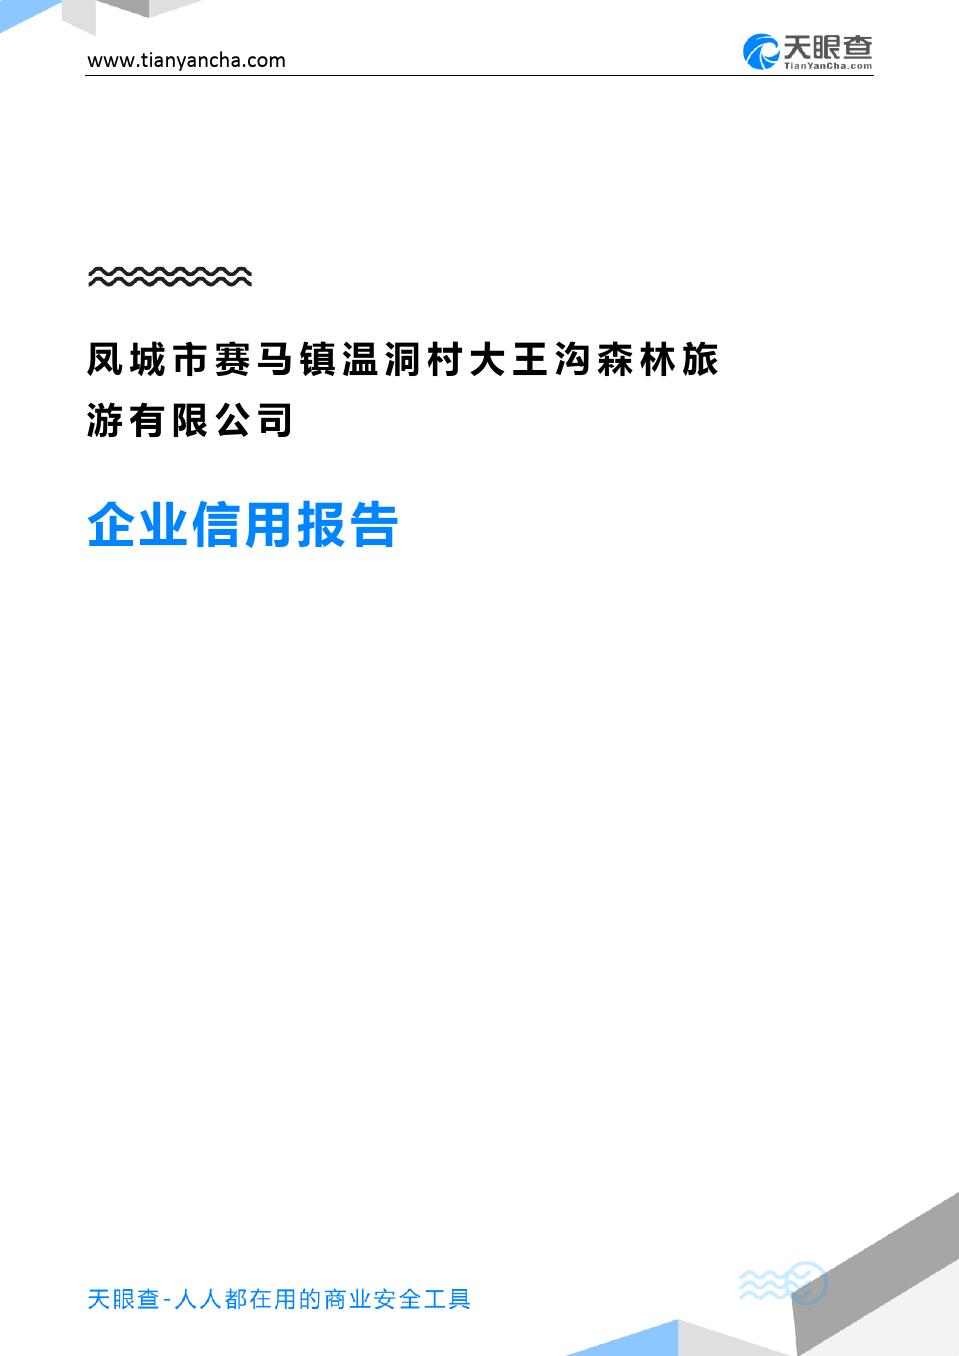 凤城市赛马镇温洞村大王沟森林旅游有限公司企业信用报告-天眼查